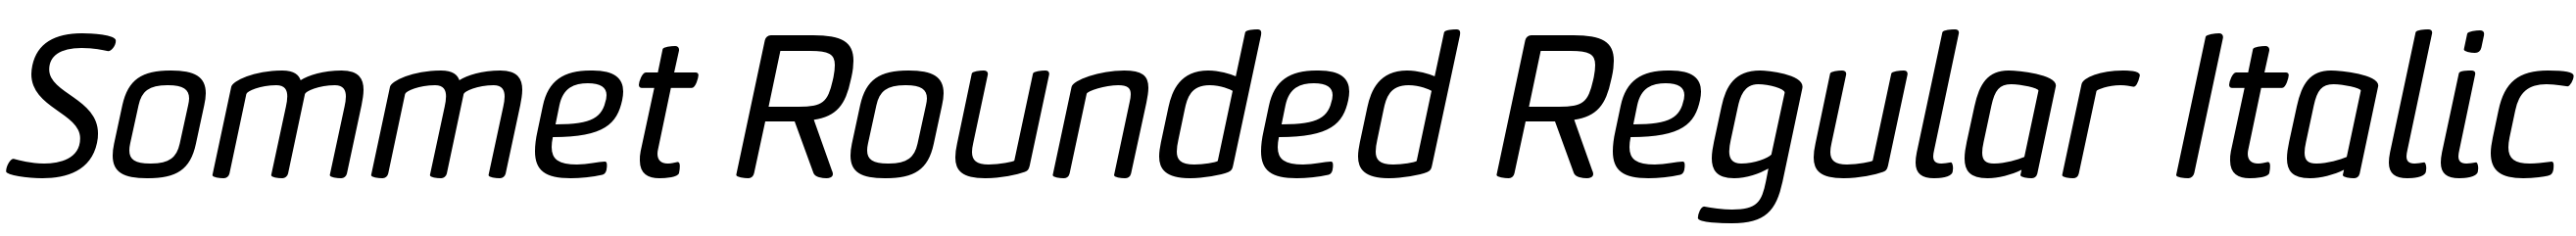 Sommet Rounded Regular Italic